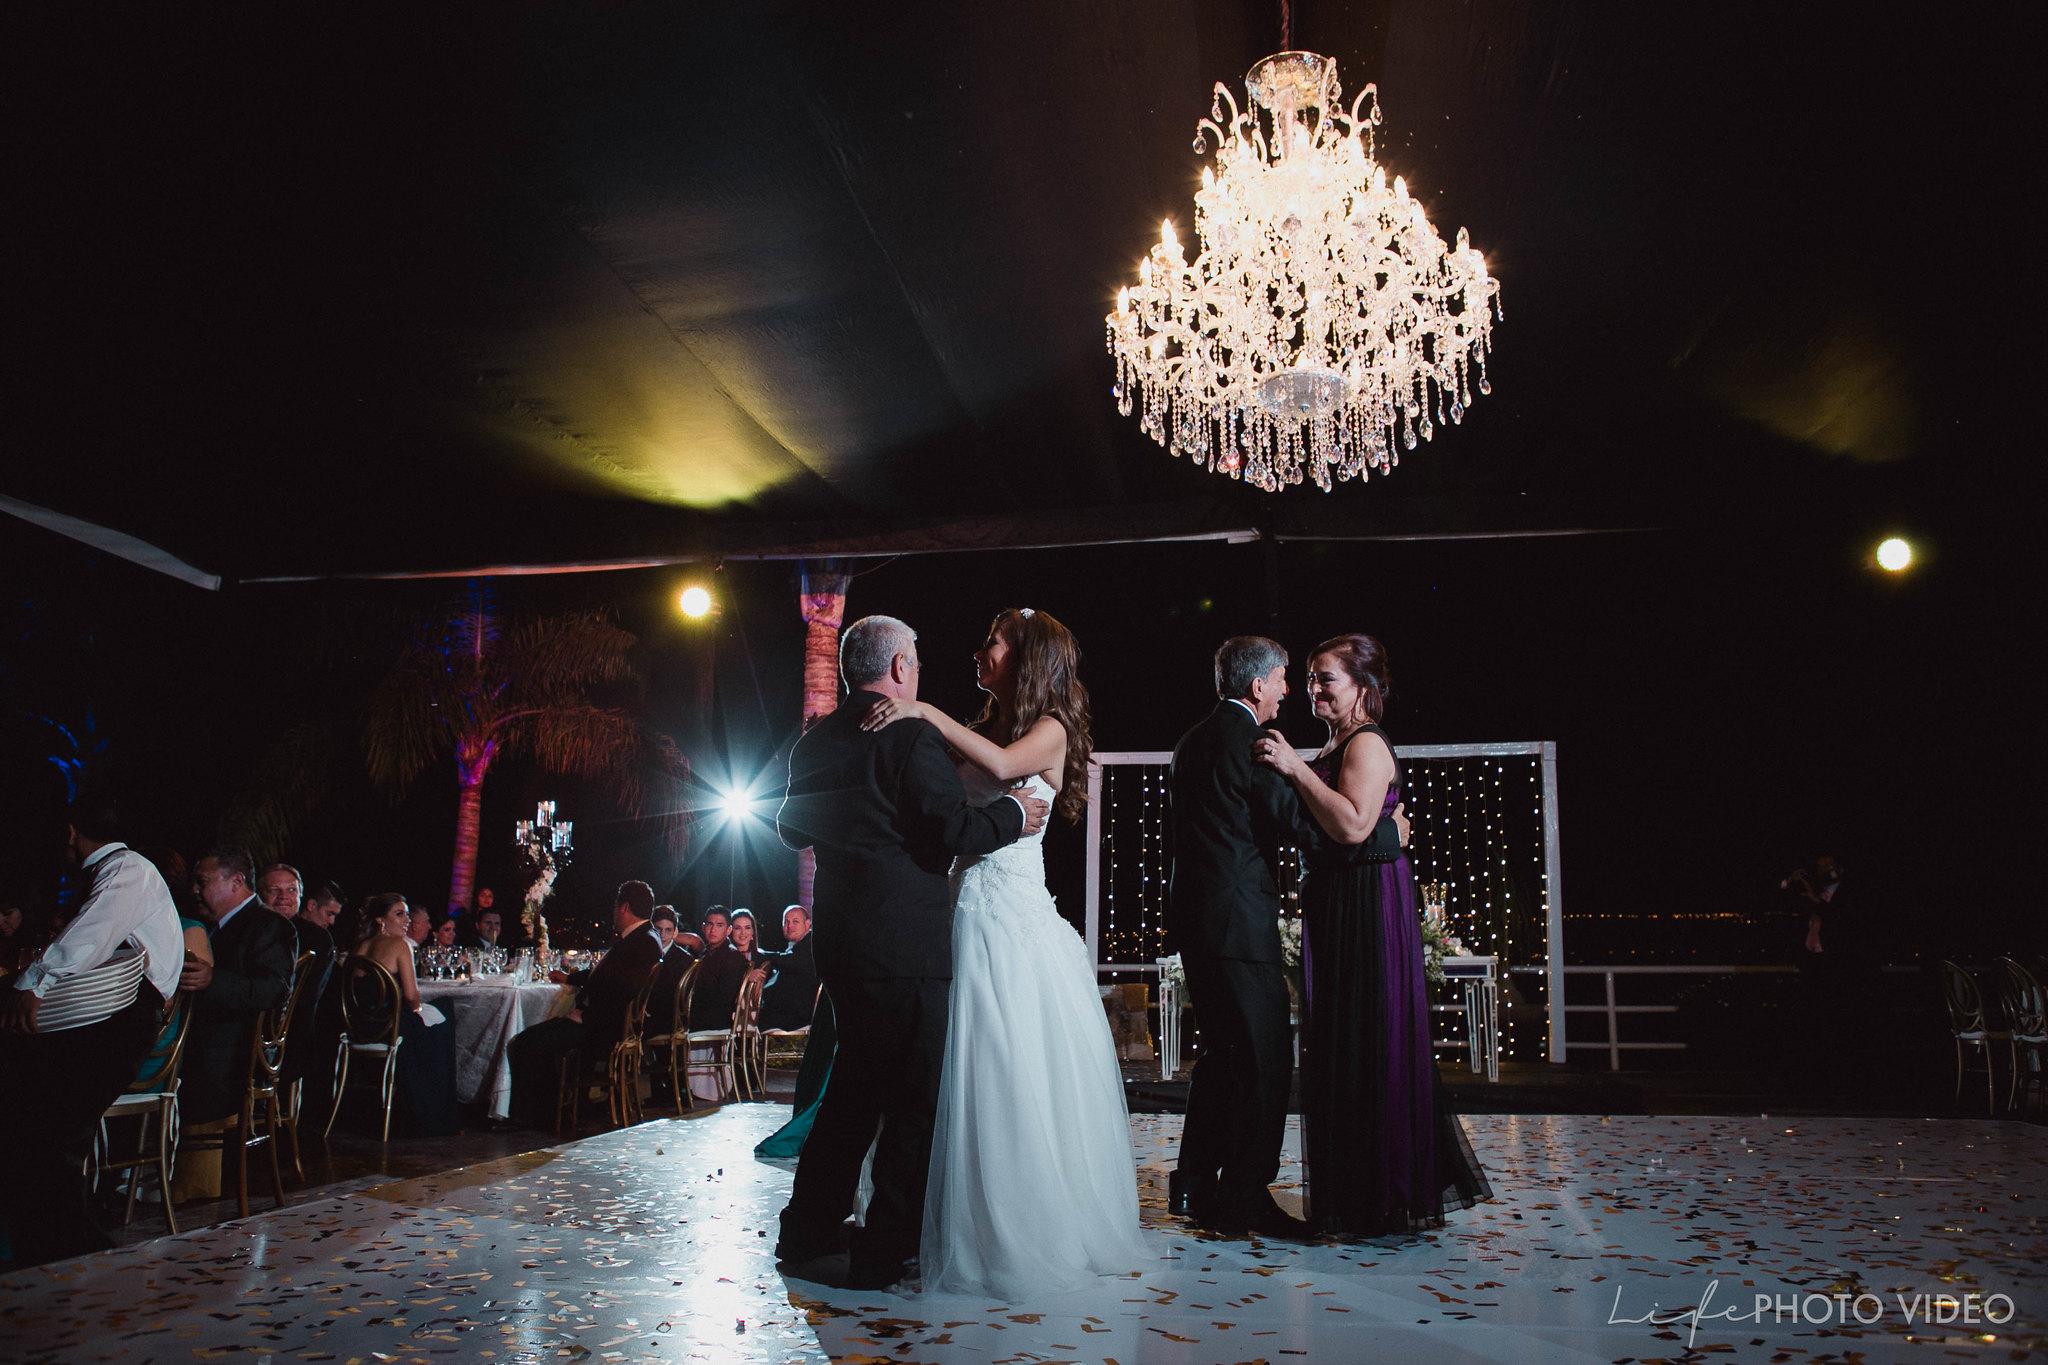 Boda_LeonGto_Wedding_LifePhotoVideo_0056.jpg